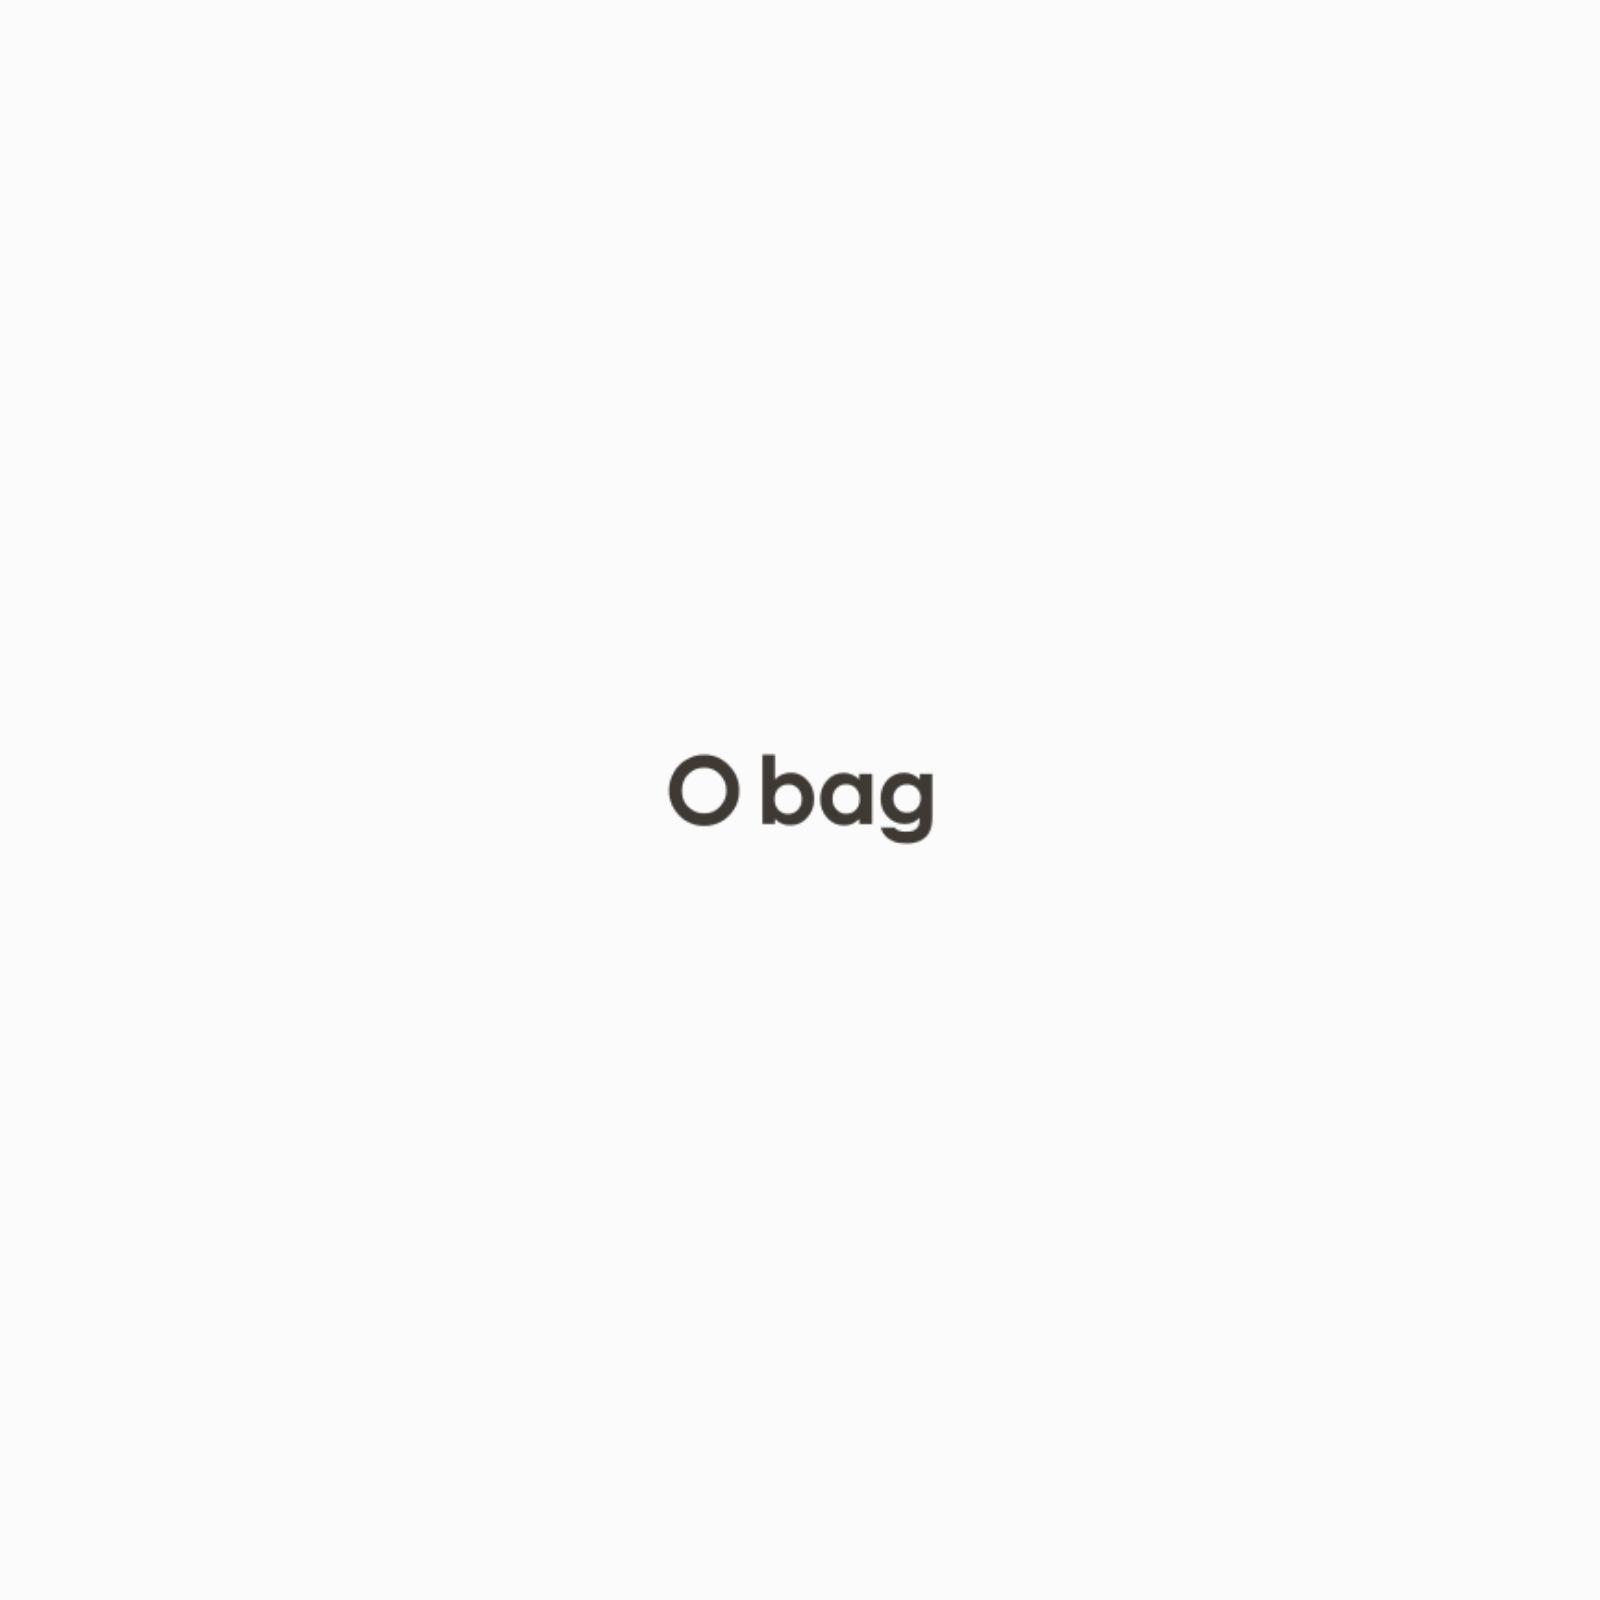 a28f4dd381 O bag O bag .scocca - O bag - borse